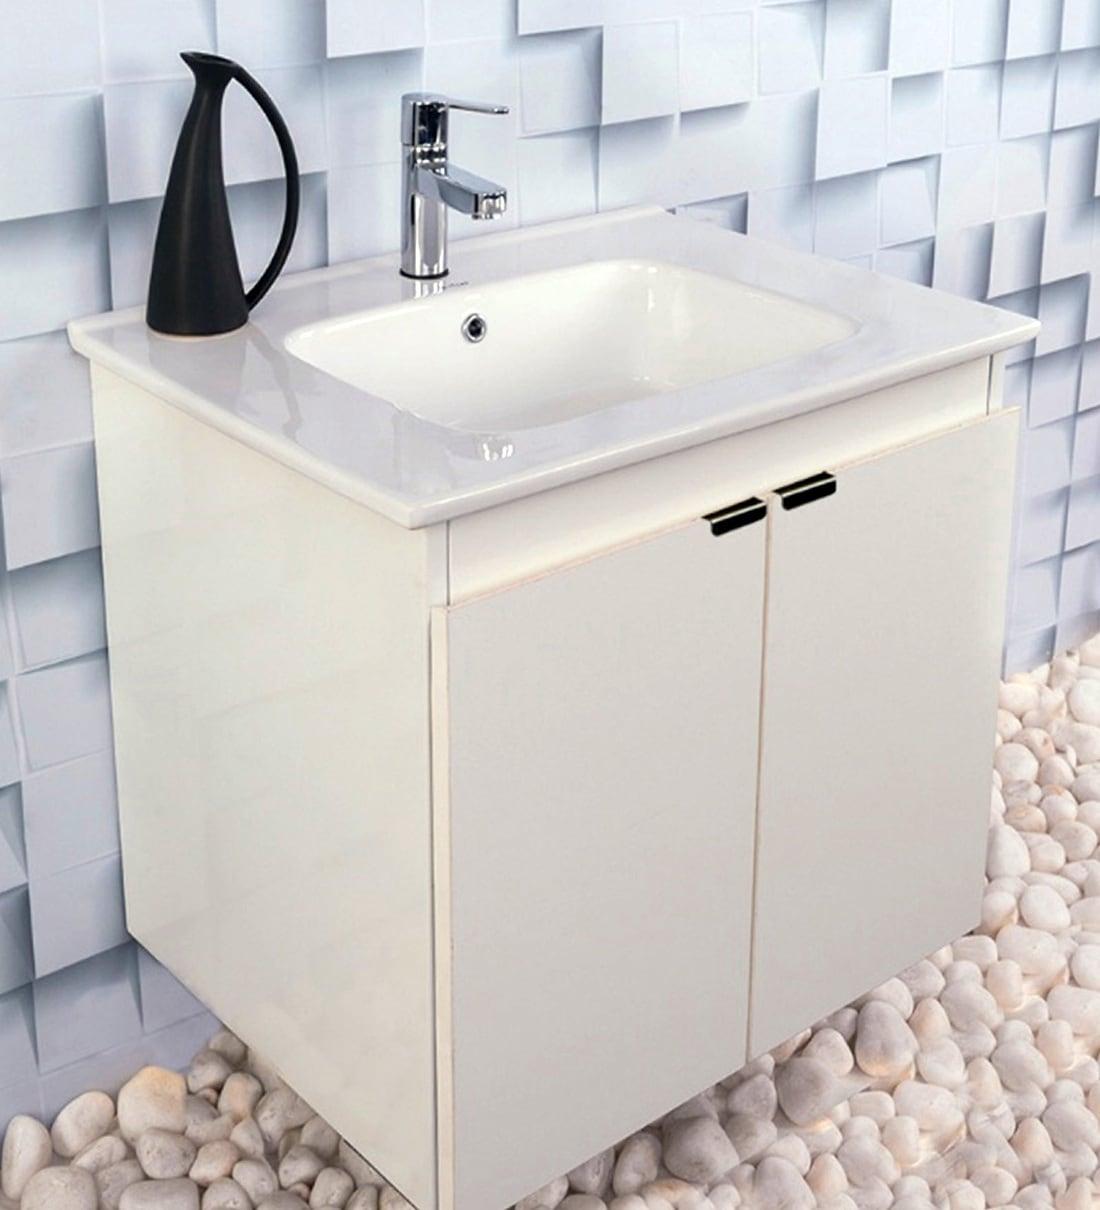 buy stainless steel bathroom vanity in